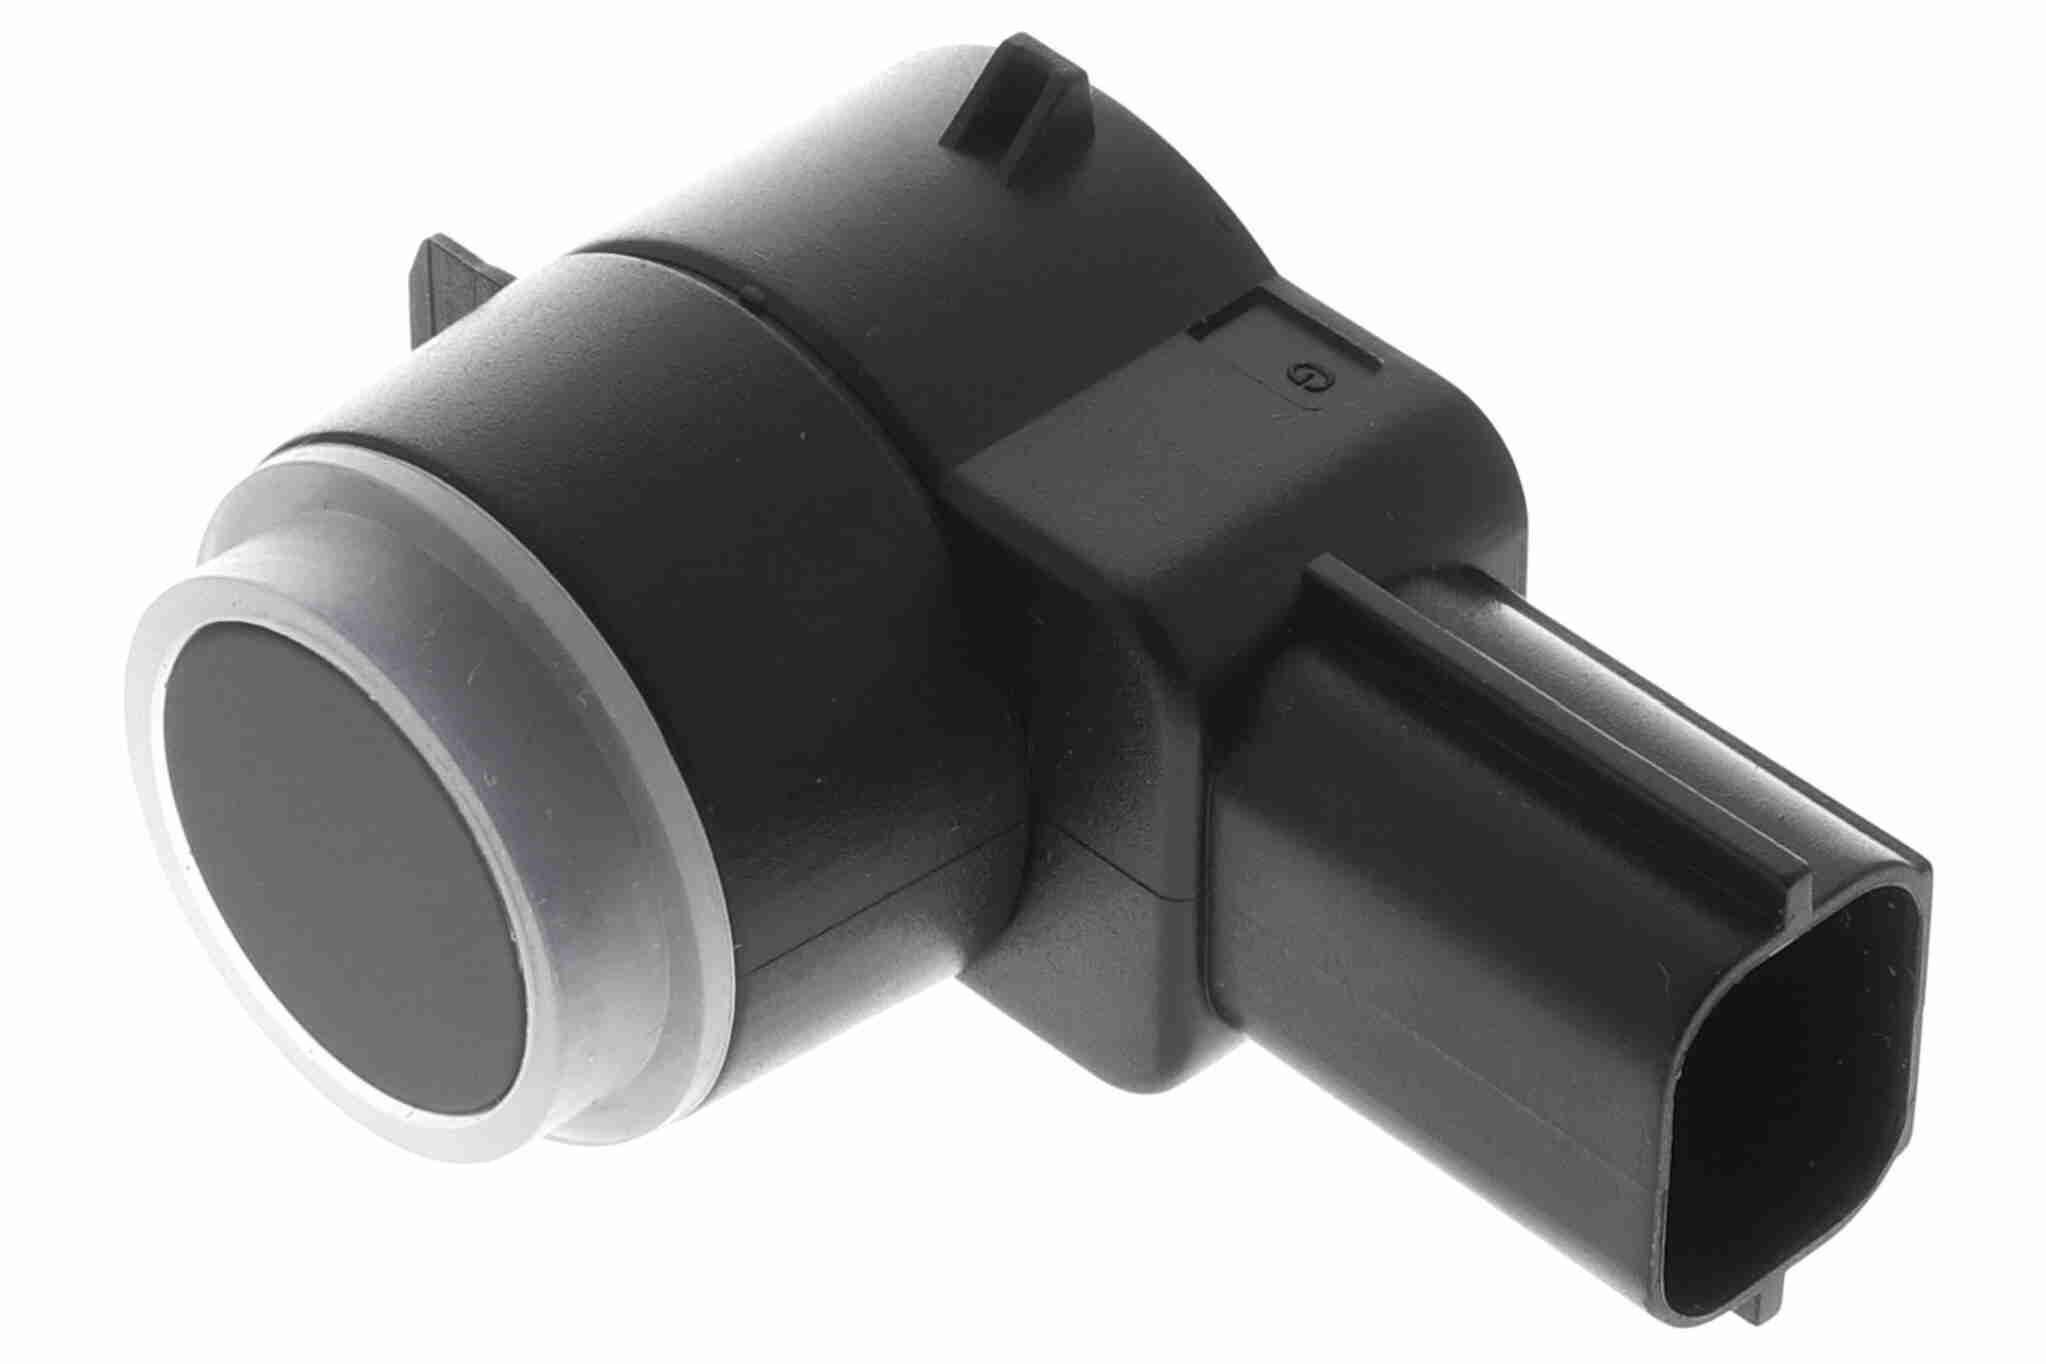 V40-72-0490 VEMO Original VEMO Qualität, vorne, hinten, schwarz, Ultraschallsensor Sensor, Einparkhilfe V40-72-0490 günstig kaufen